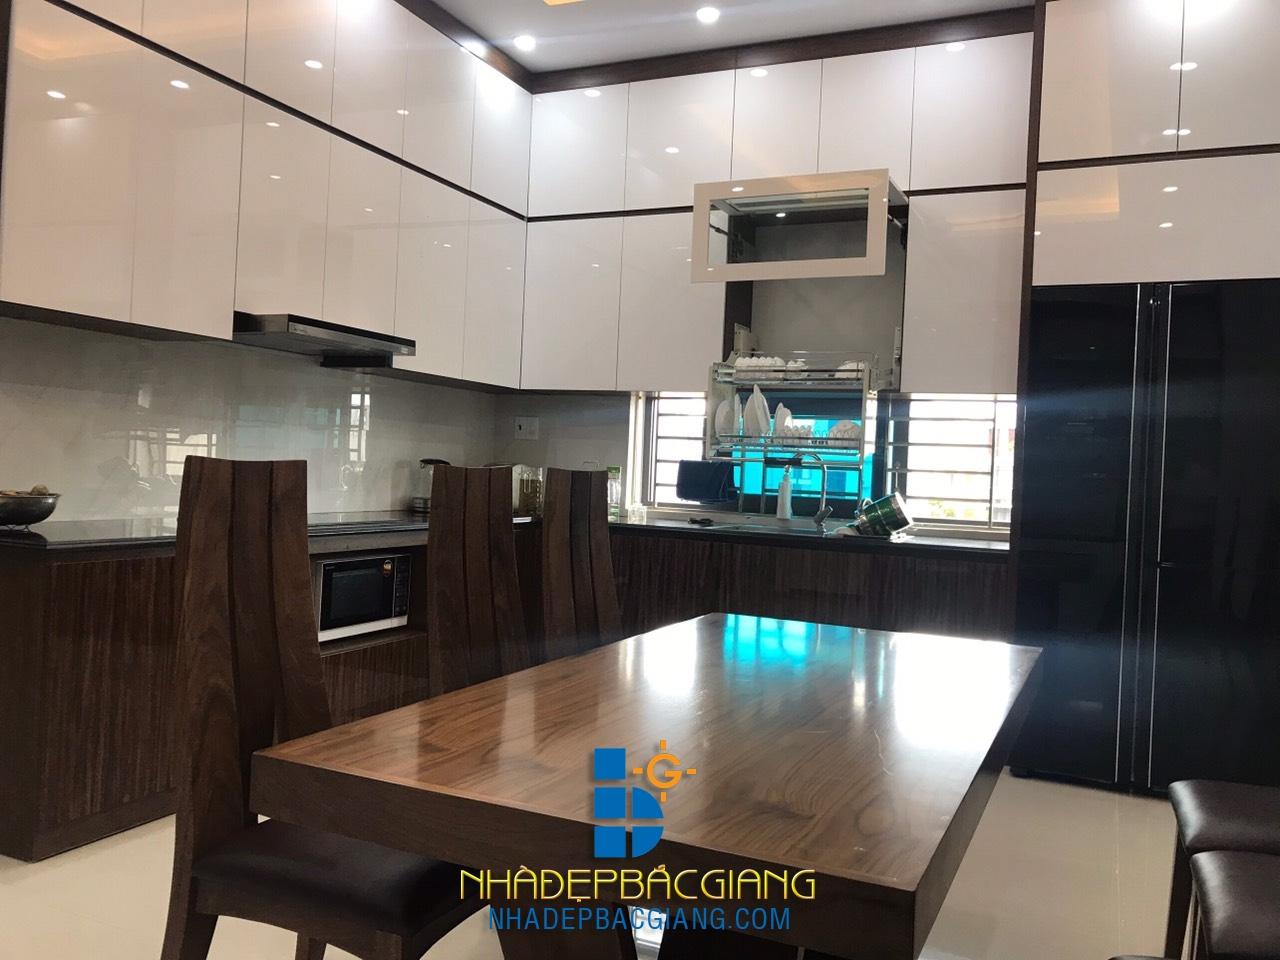 Phối cảnh nội thất khu bếp